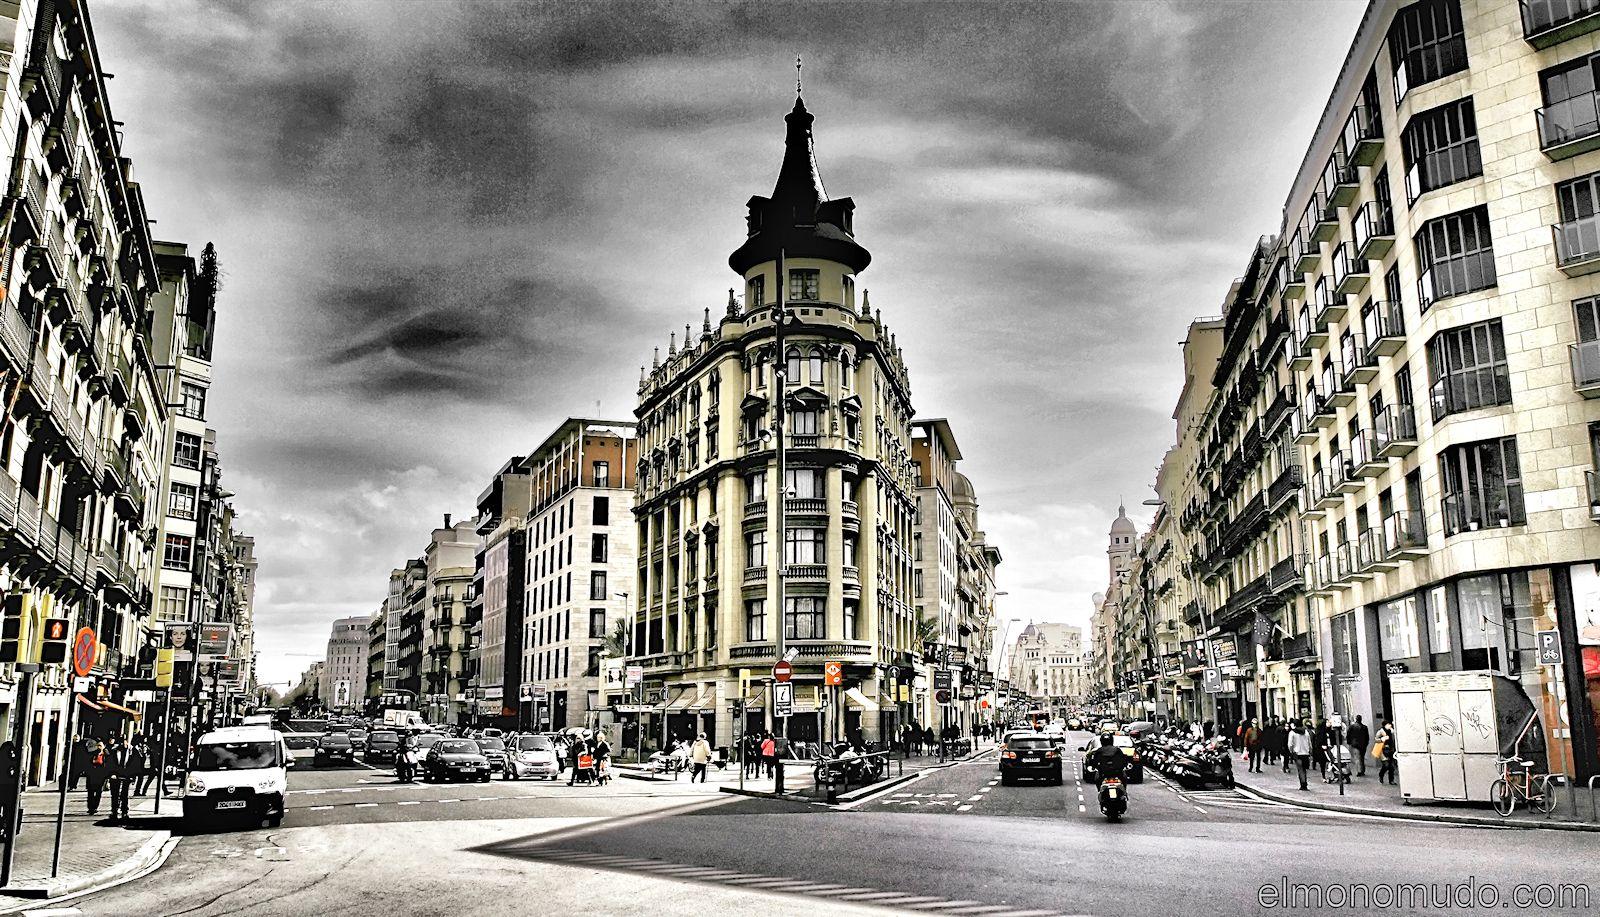 Esquina calle pelayo barcelona for Oficinas de pelayo en barcelona